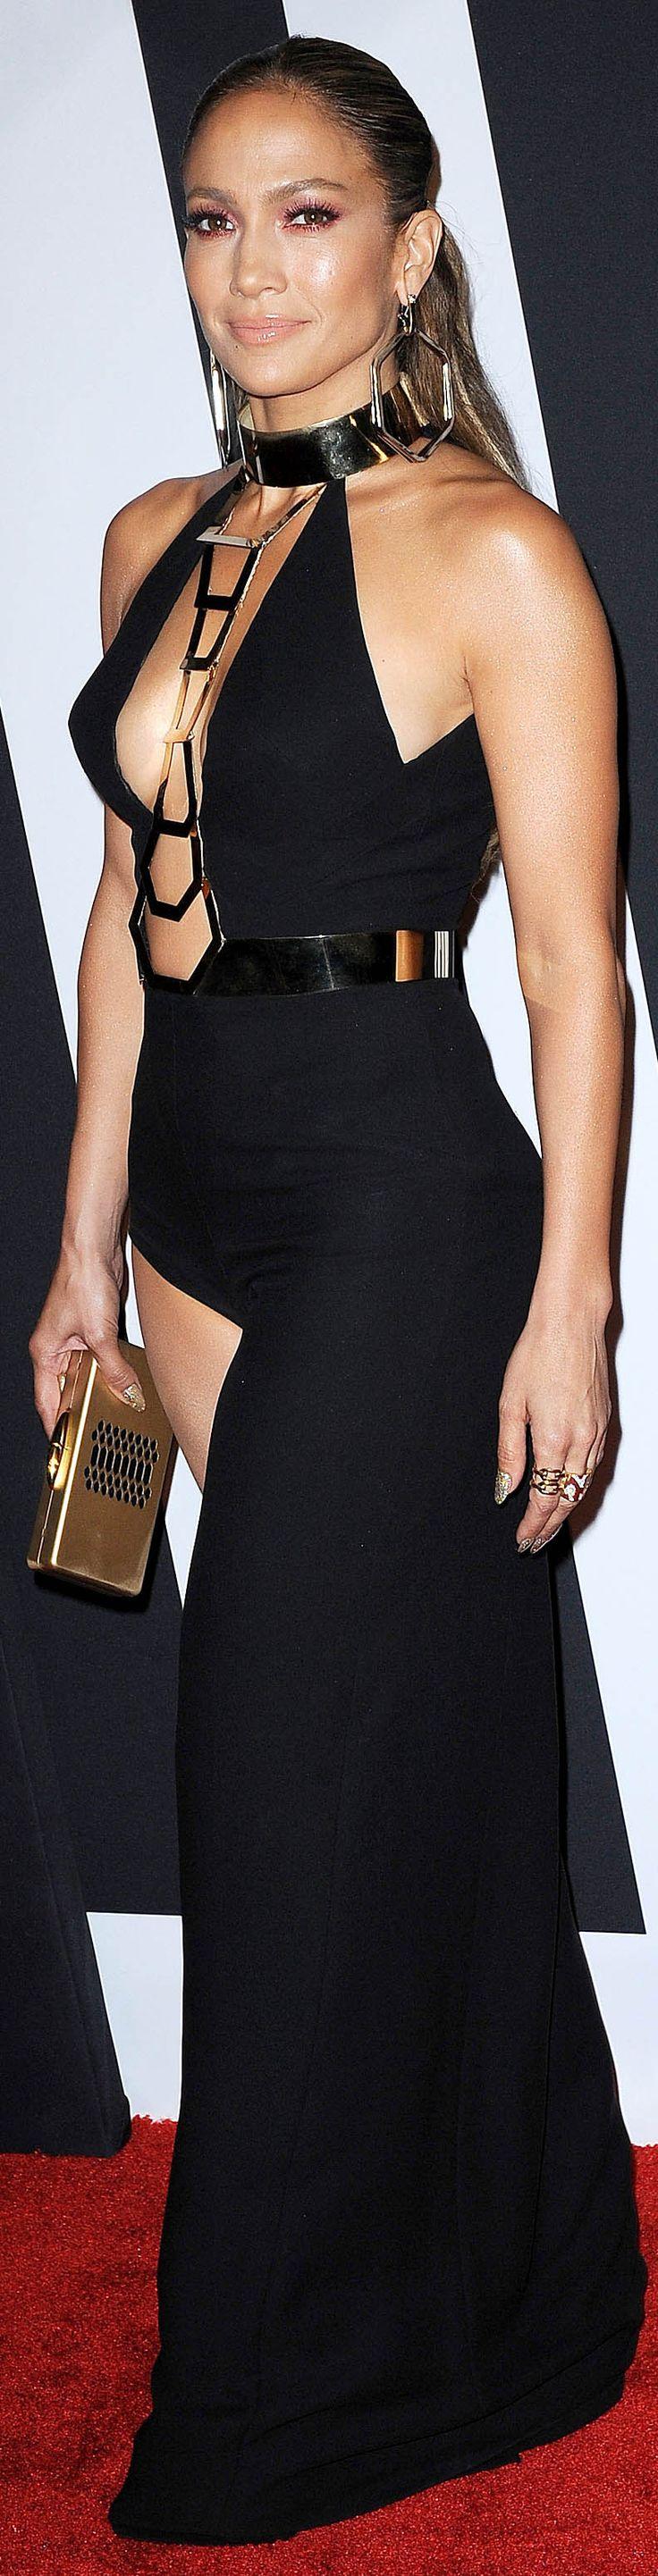 Jennifer Lopez Fashion Rocks Sept 9 2014 Jennifer